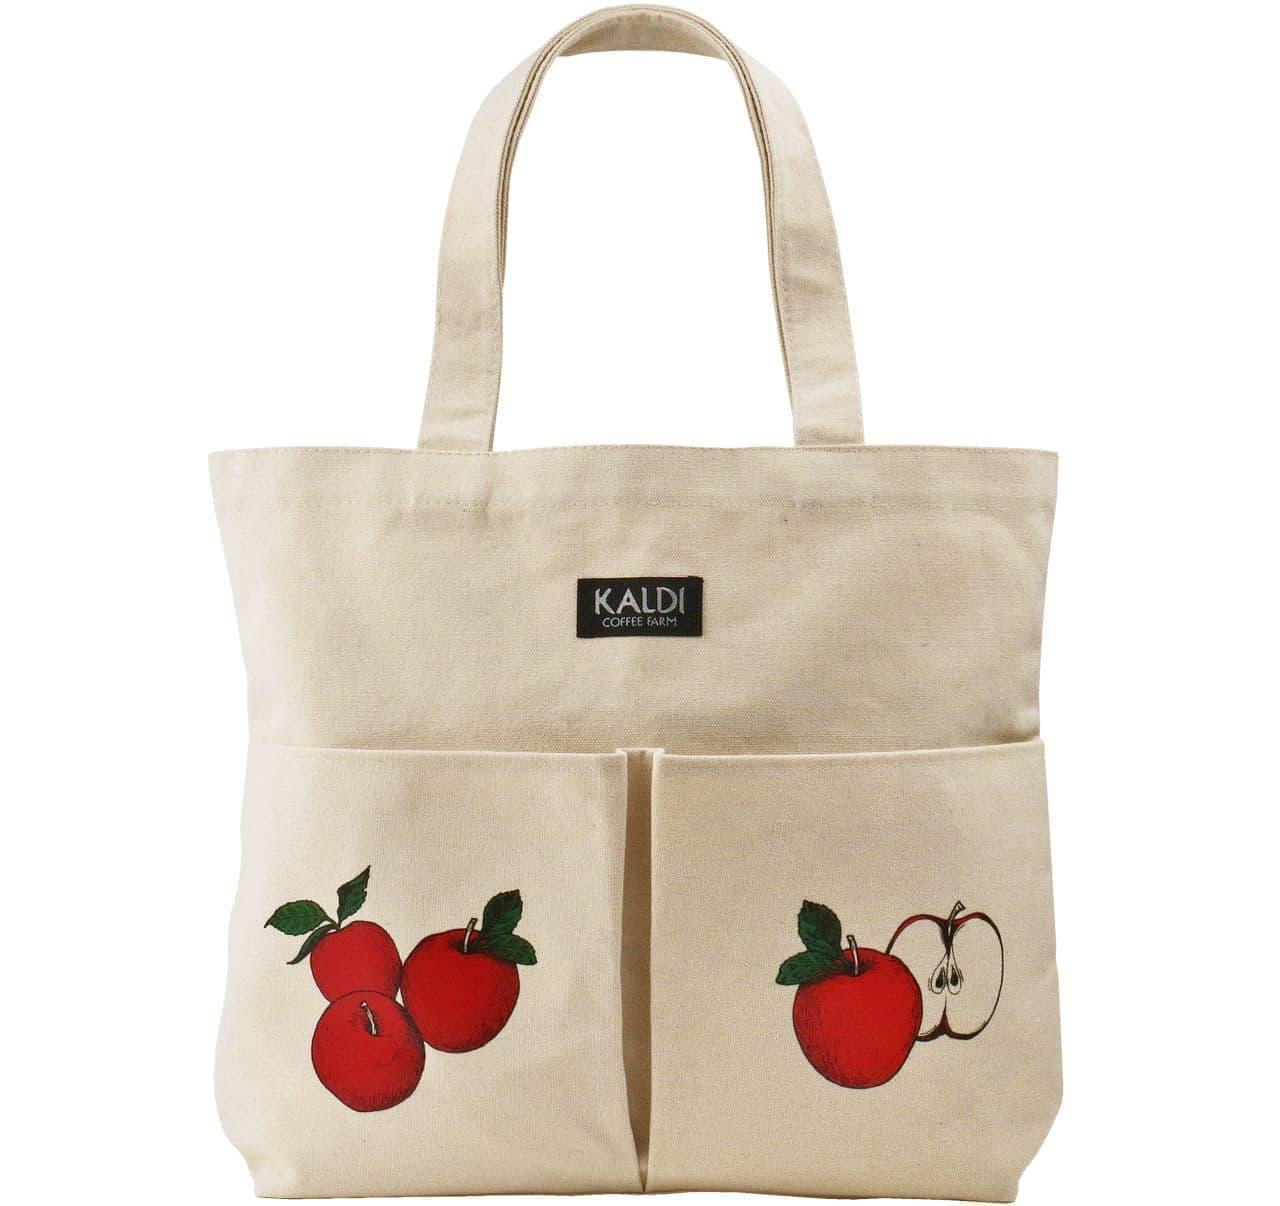 カルディ「オリジナル りんごバッグ」